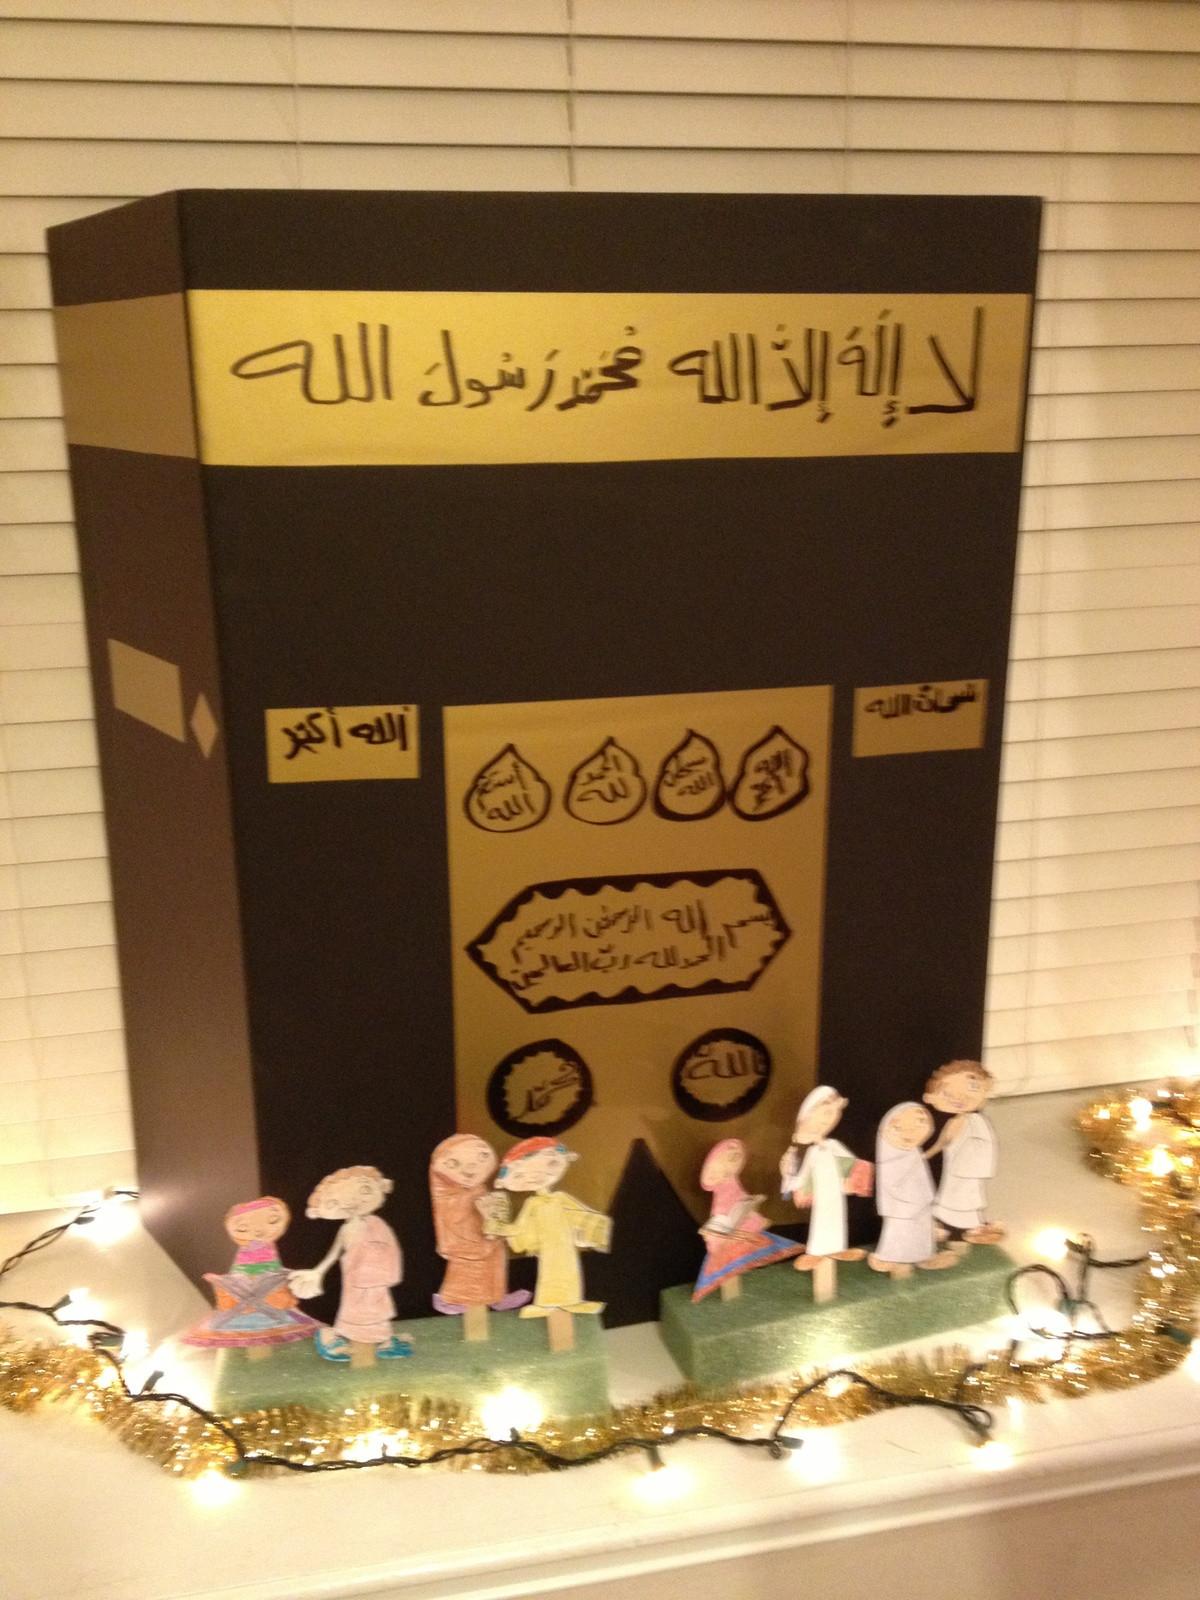 زينة رمضان في البيت- مجسم للكعبة الشريفة